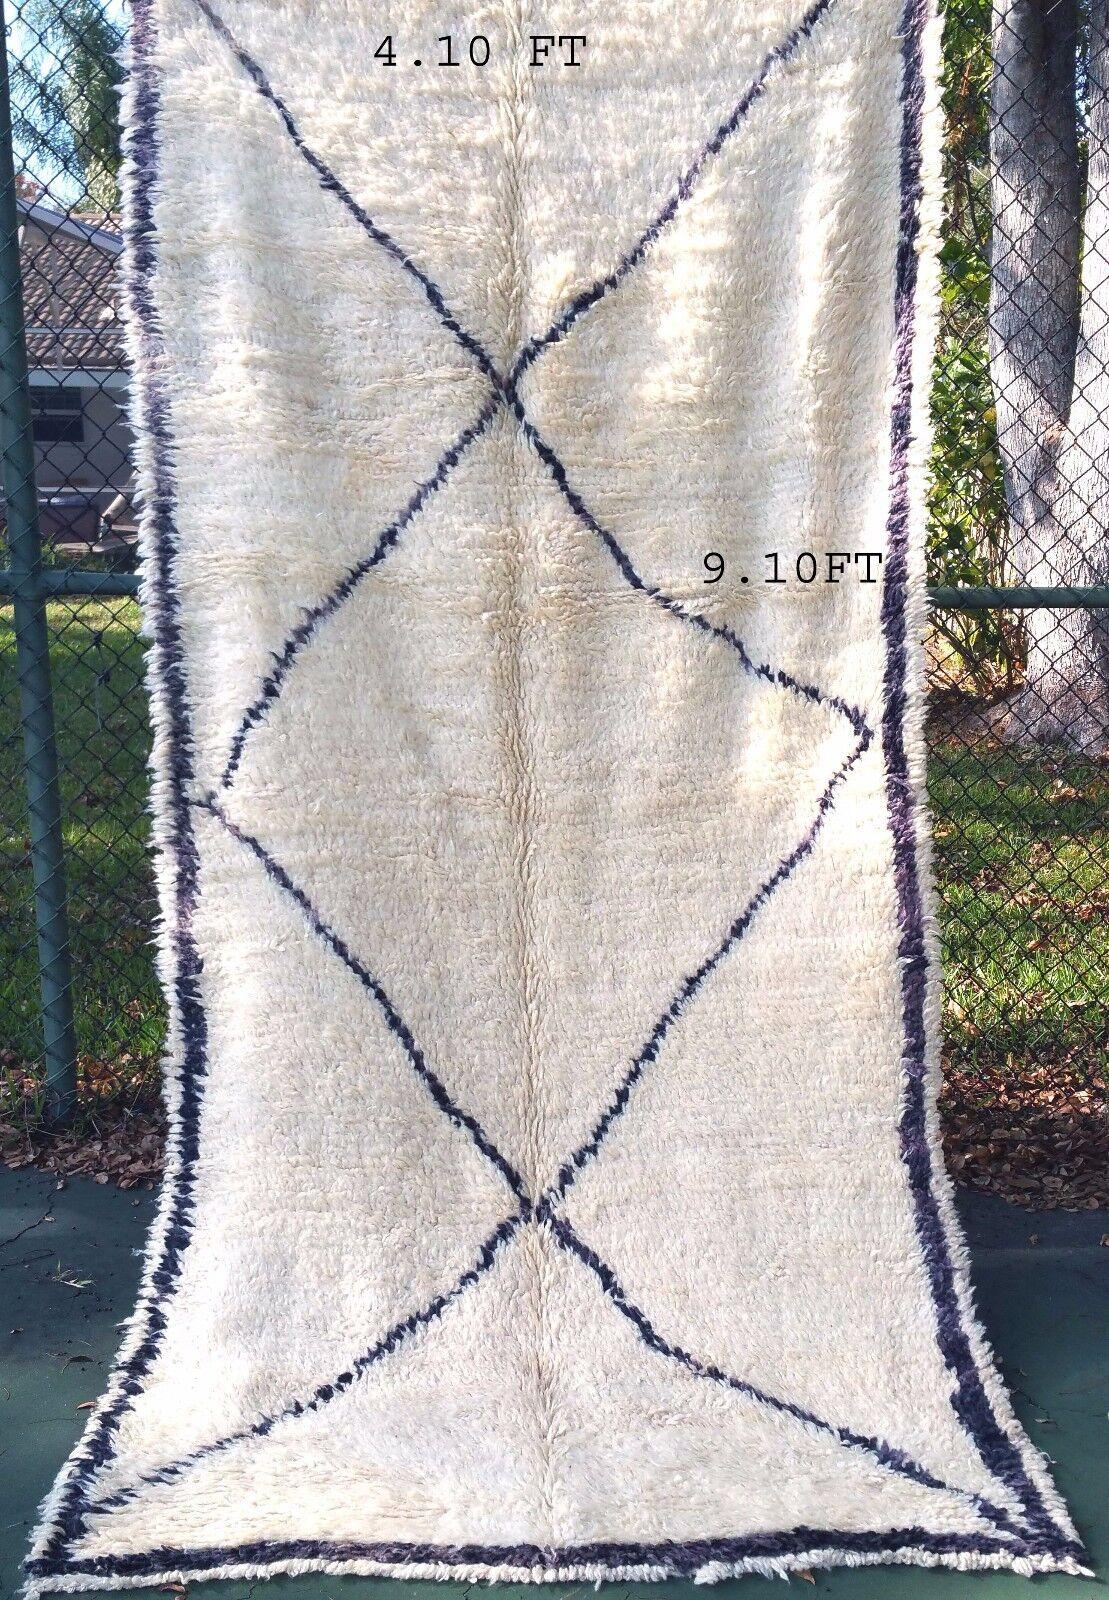 Alfombra Anudada marroquí marroquí Beni ourain rug 100% hecho a mano 4.10 Pies X 9.10 pies